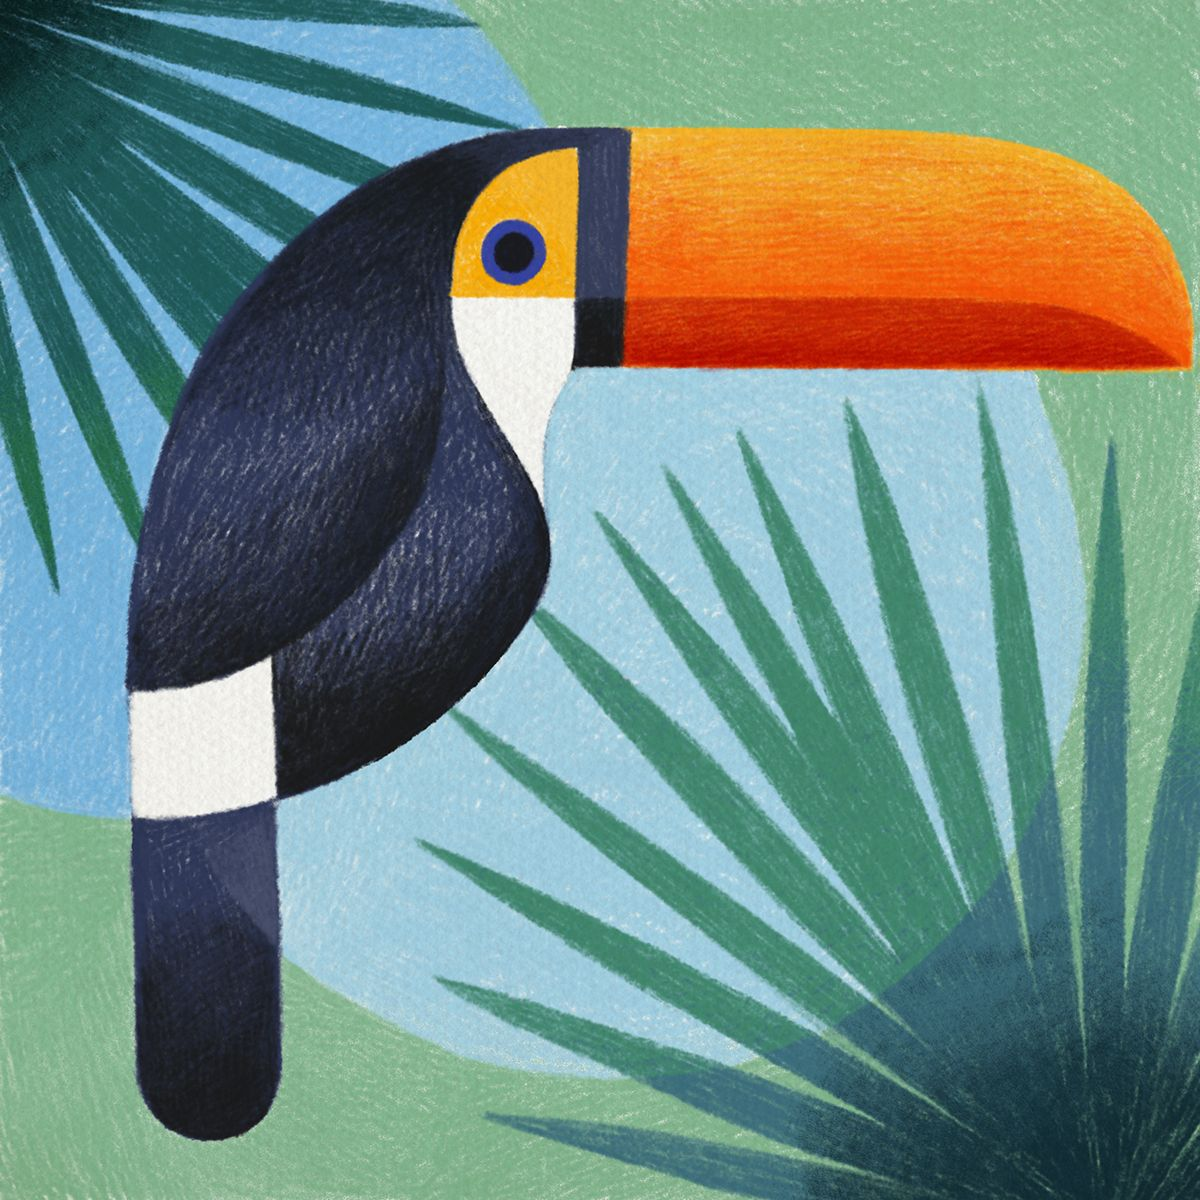 Geometric birds by Samy Halim